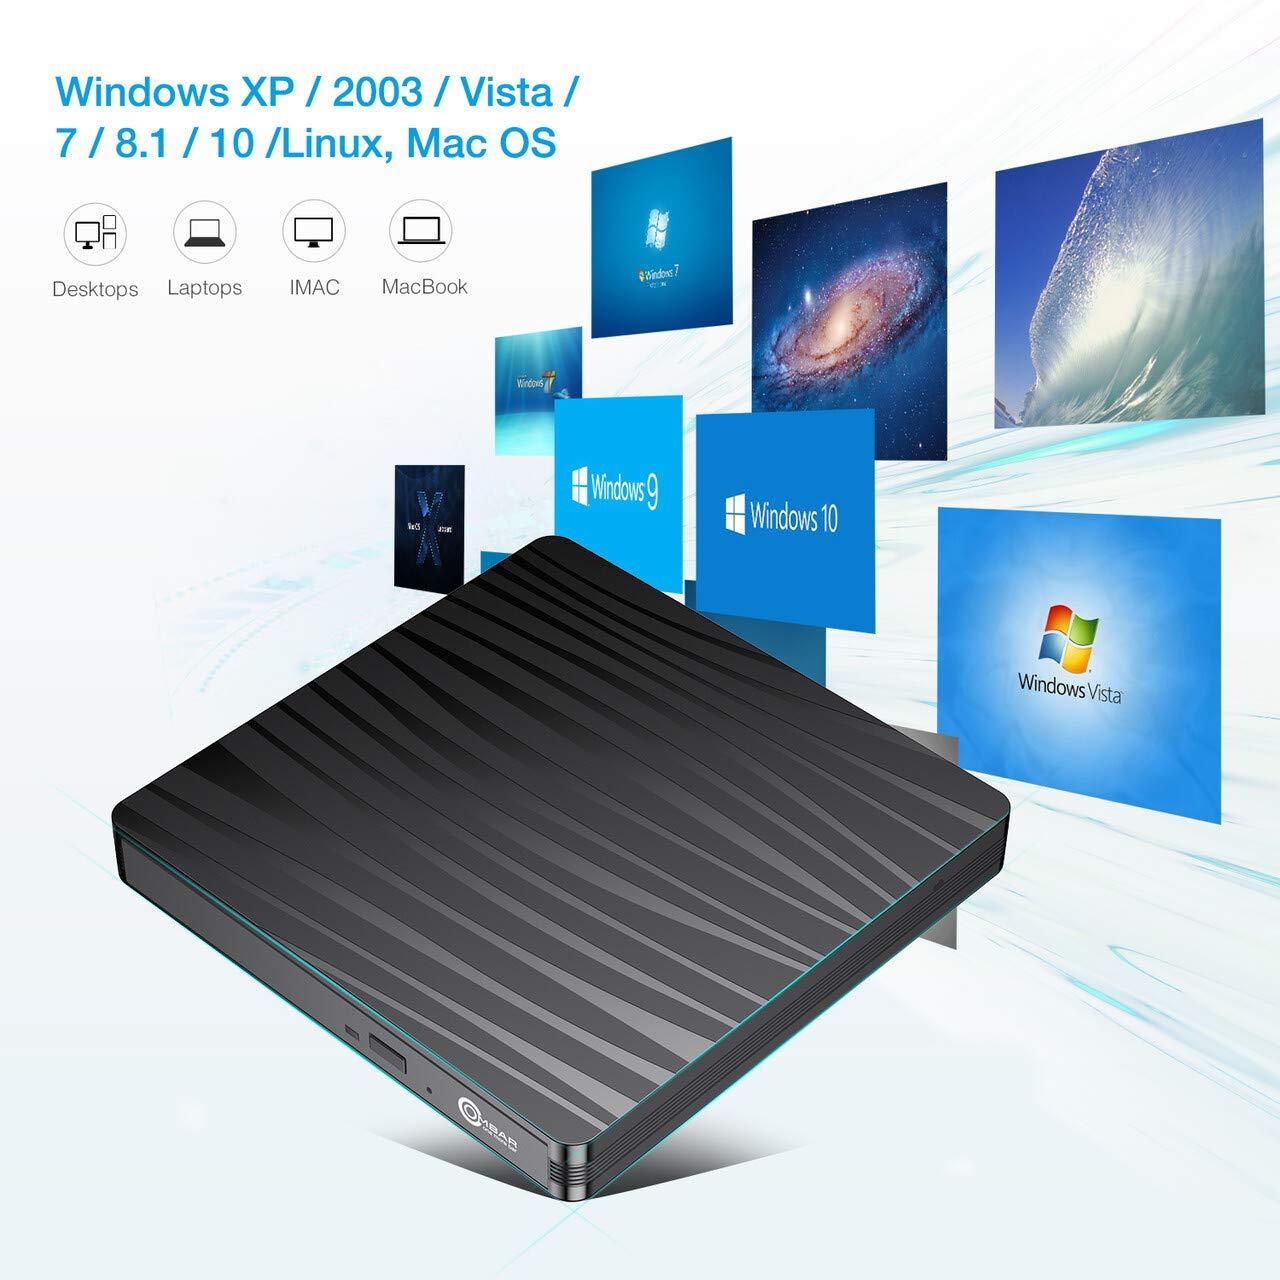 OMBAR Lecteur Graveur CD/DVD Externe, Adaptateur USB Type C/USB 3.0 Enregistreur RW/ROM Ultra Slim Portable pour Windows XP / 2003 / Vista / 7/8.1/10, Linux, Mac OS,etc.